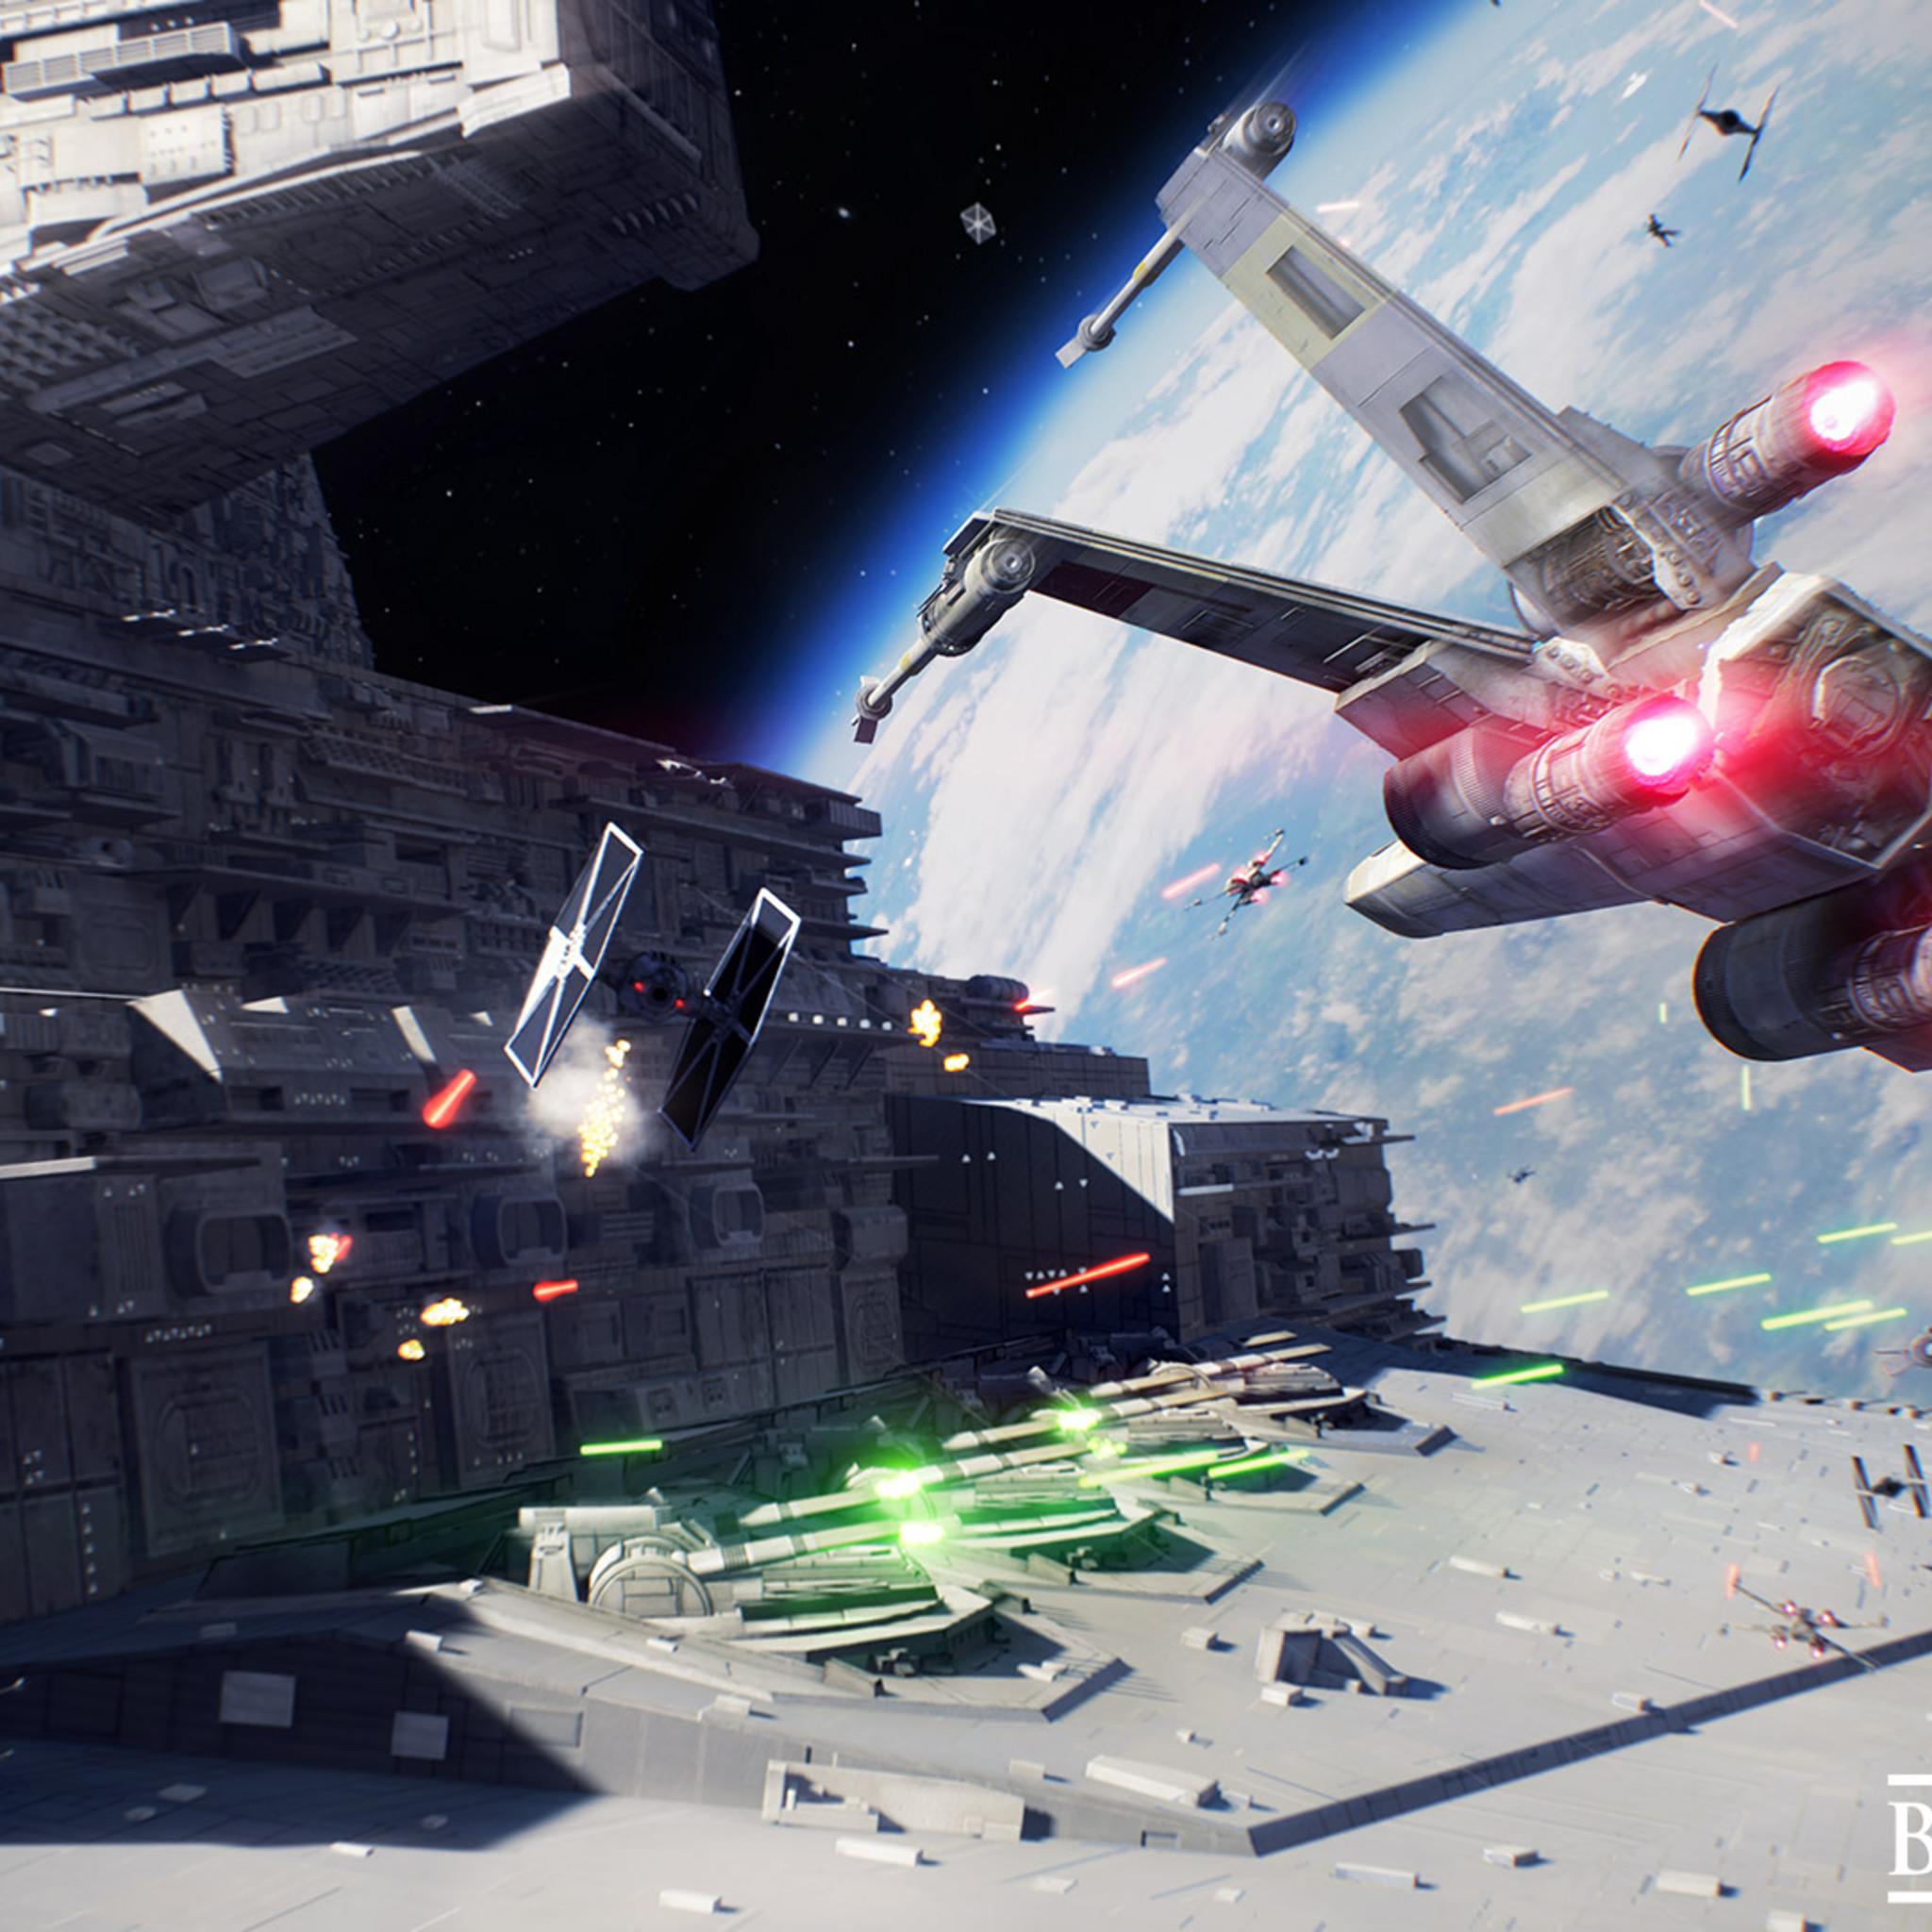 2048x2048 Star Wars Battlefront II 2017 3 Ipad Air HD 4k